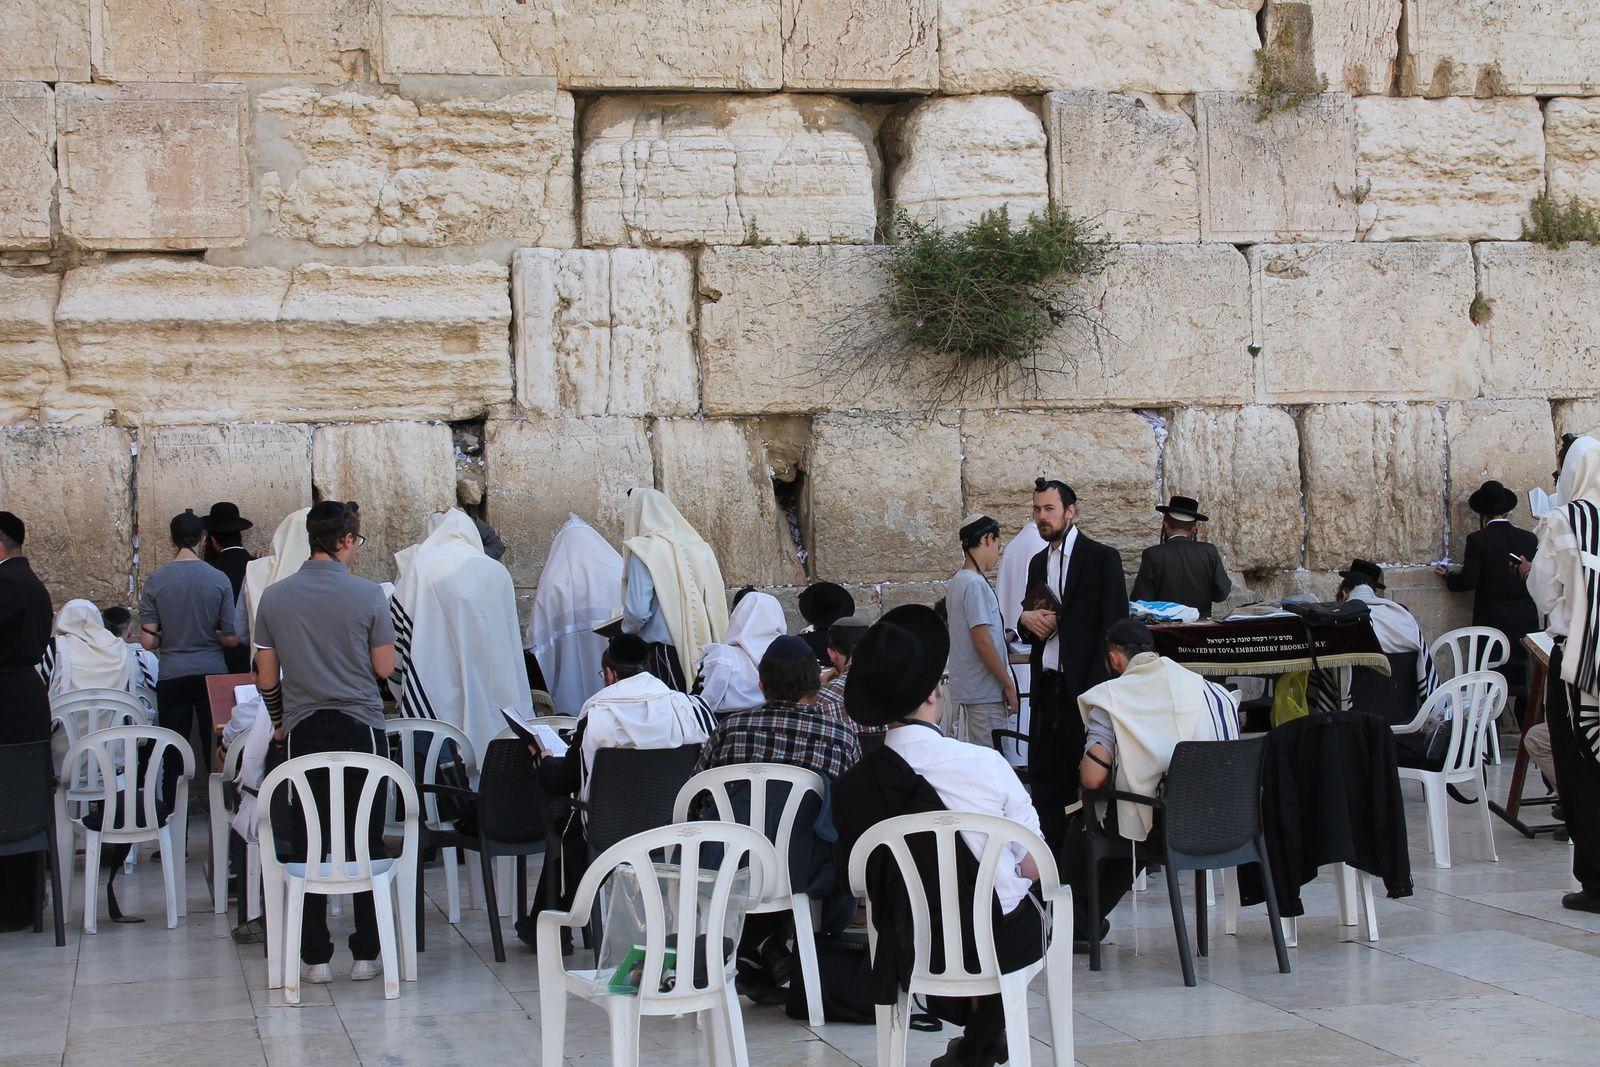 Des fidèles Juifs prient devant le Mur occidental, autrefois appelé Mur des lamentations.